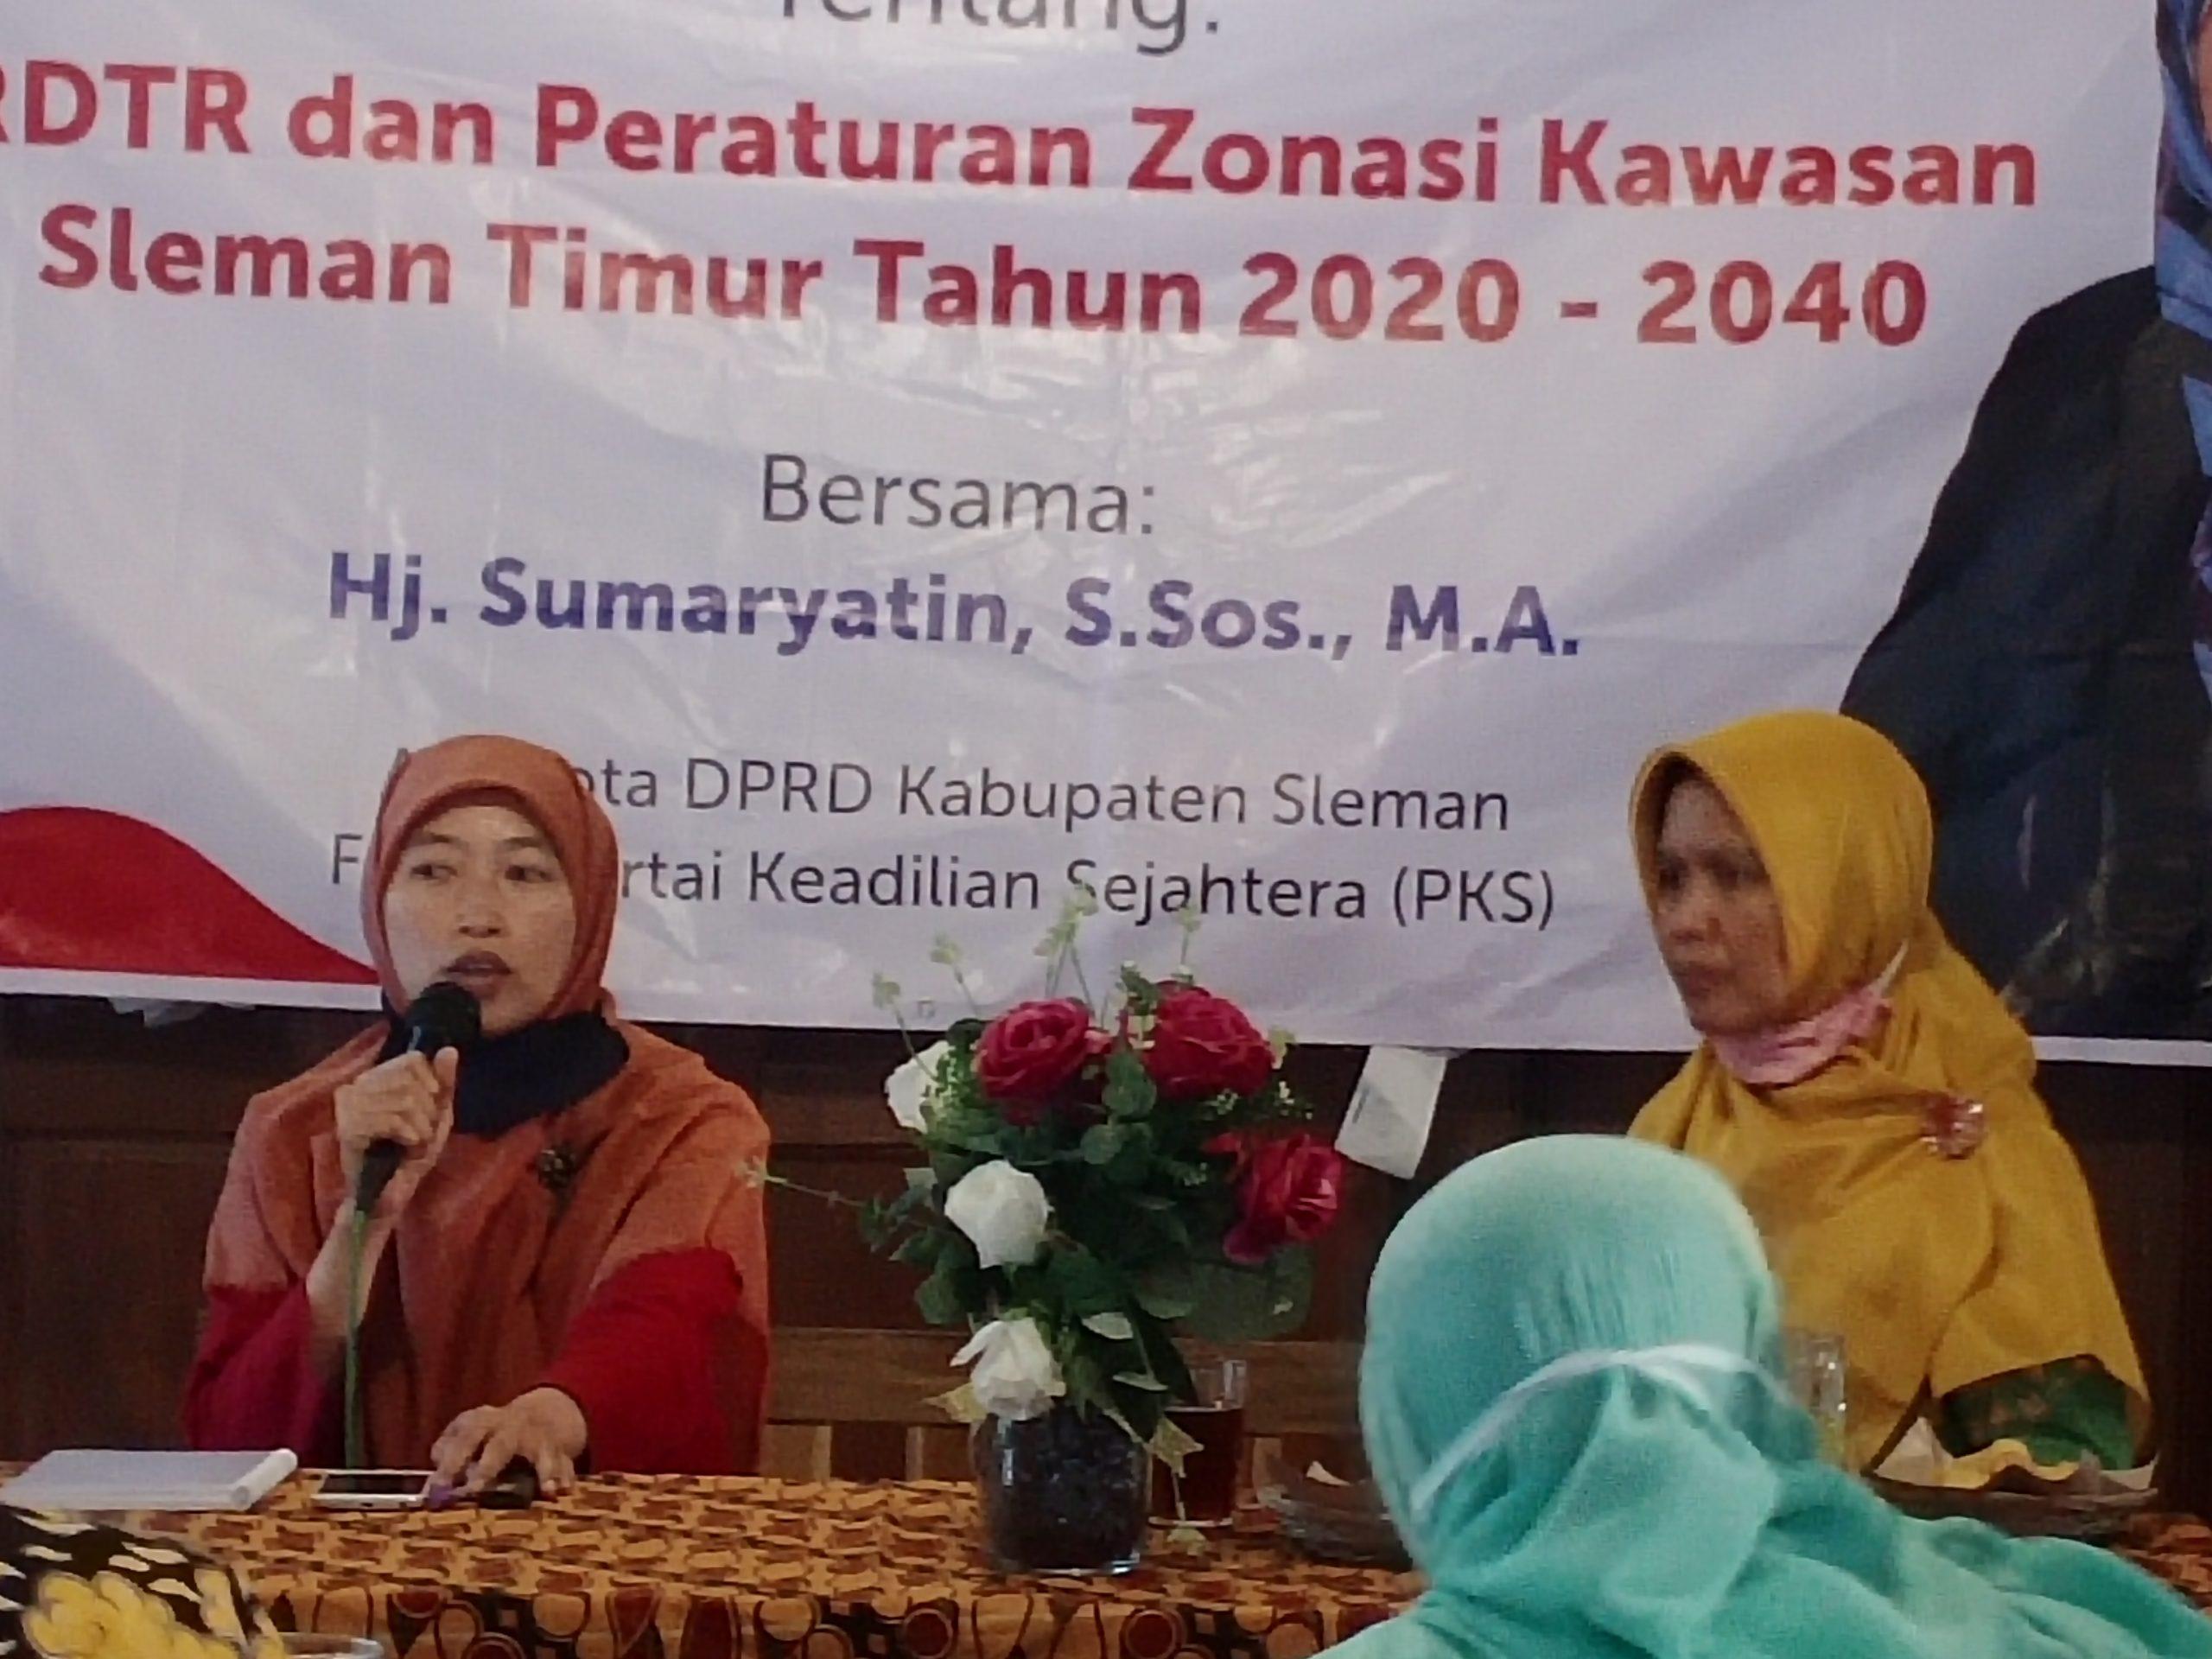 Sambung Rasa Raperda RDTR Kawasan Sleman Timur 2021-2041 ...